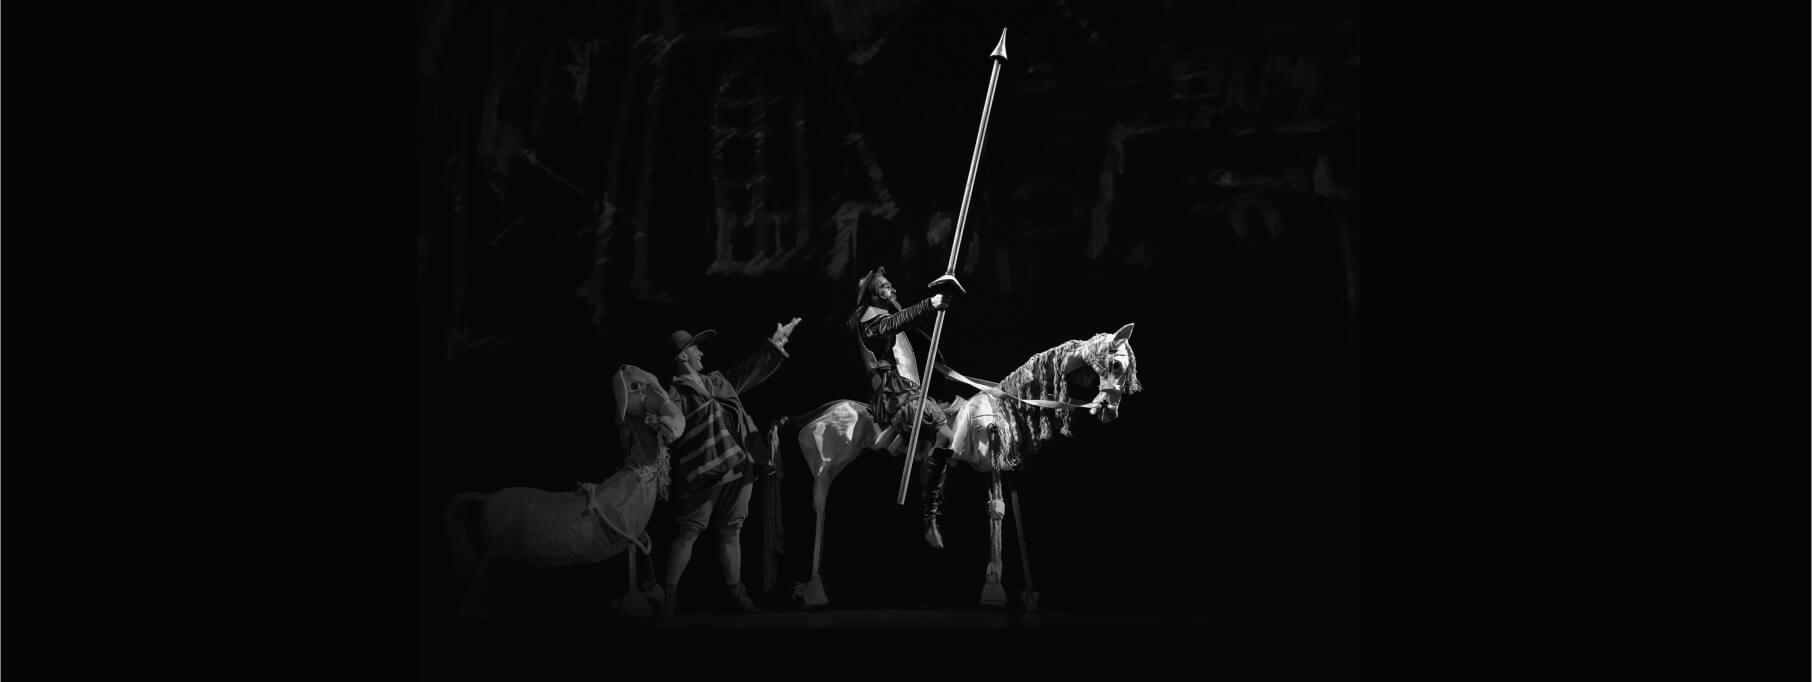 Înlocuire de spectacol, miercuri 22 martie: DON QUIJOTE revine cu o nouă aventură cavalerească, pe pași de dans!